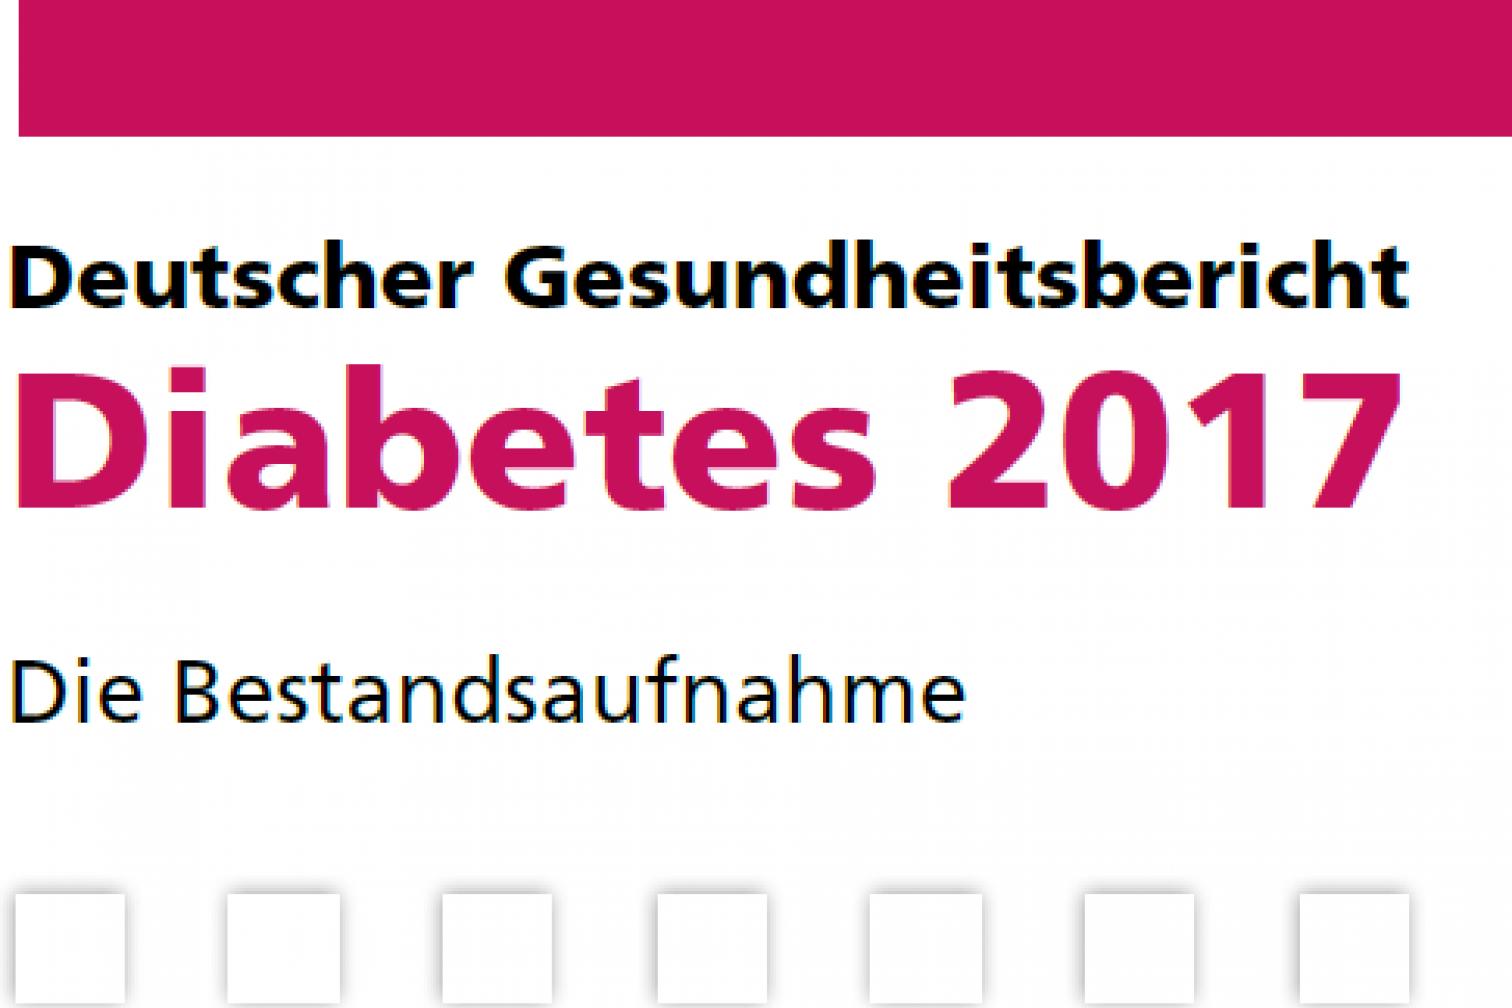 Gesundheitsbericht 2017